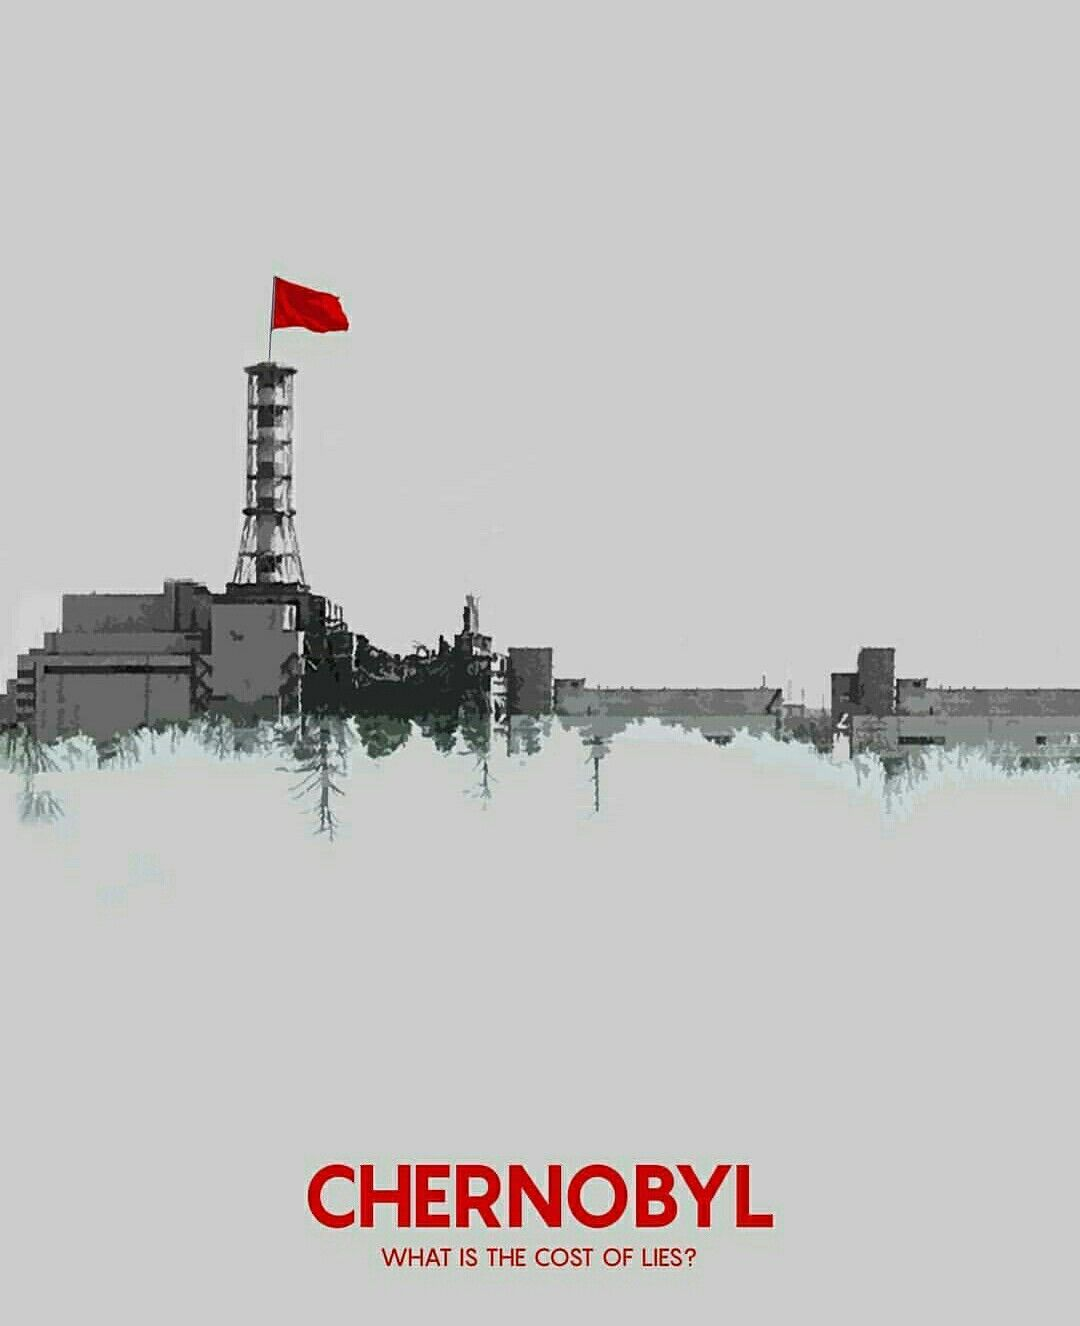 Chernobyl Elemento De Linea Chernobyl Chernobyl 1986 Chernobyl Disaster